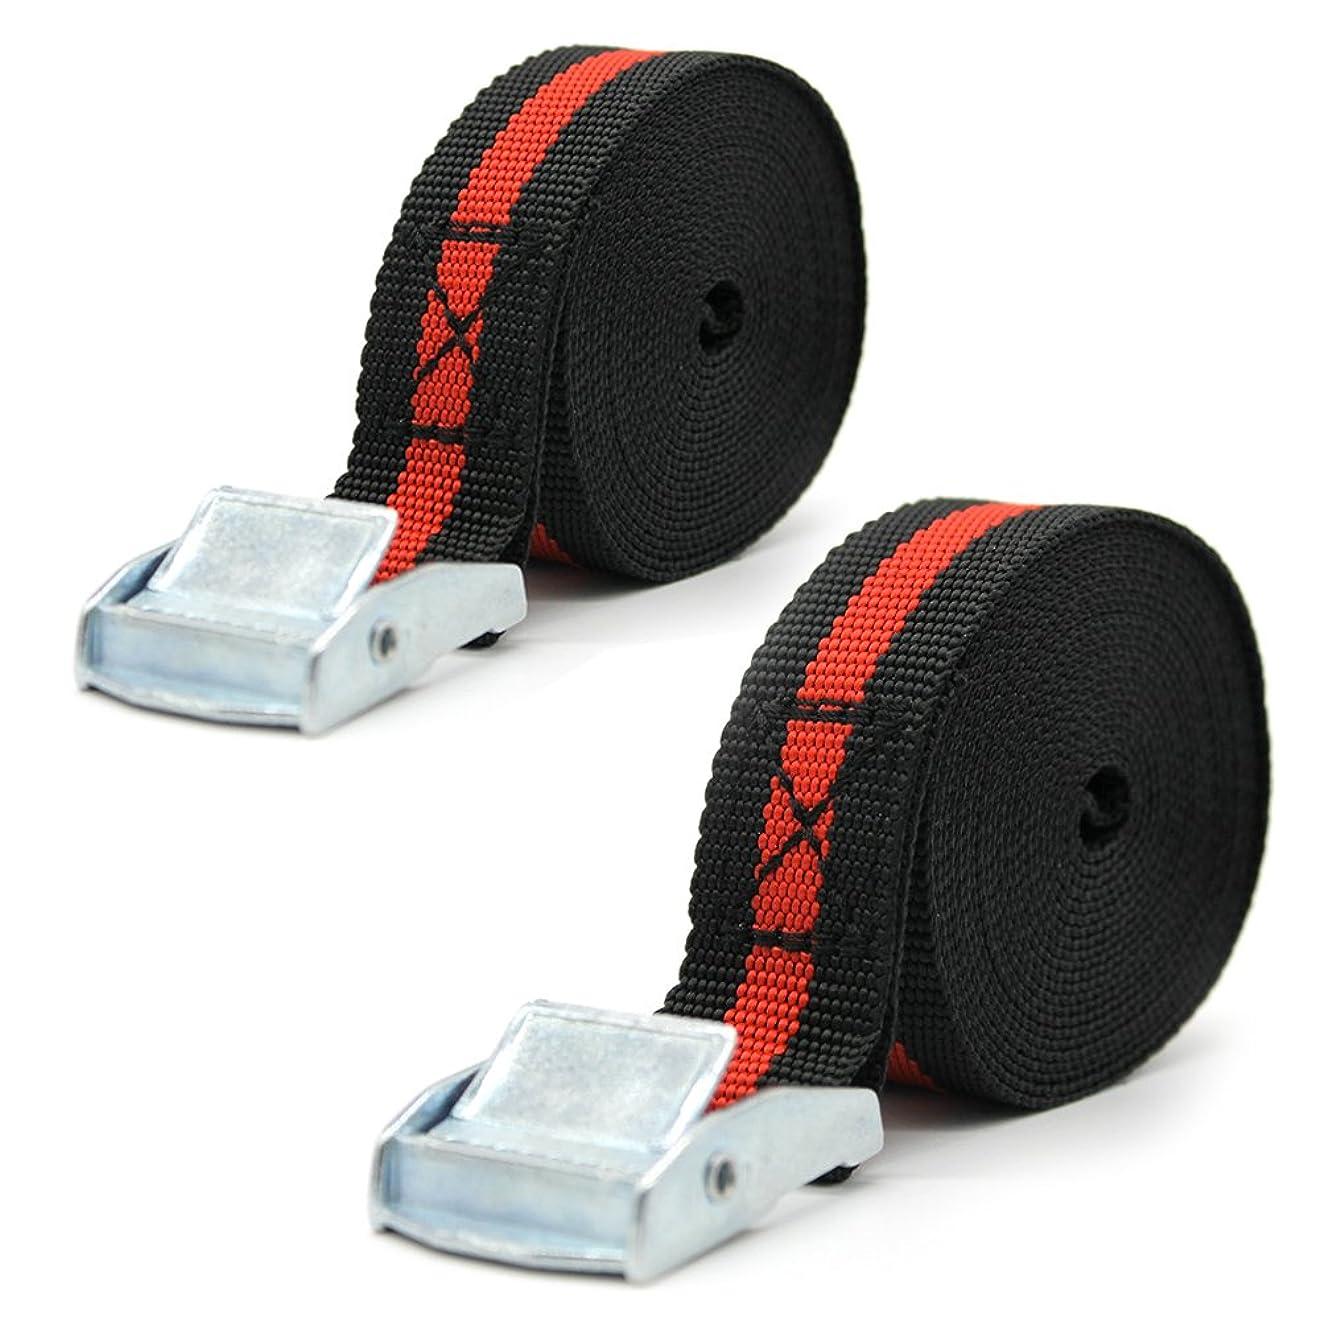 シミュレートする本会議有能なOWSOO 荷締めベルト 荷ベルト 荷締め簡単ロック金具付 2.5m 2本セット